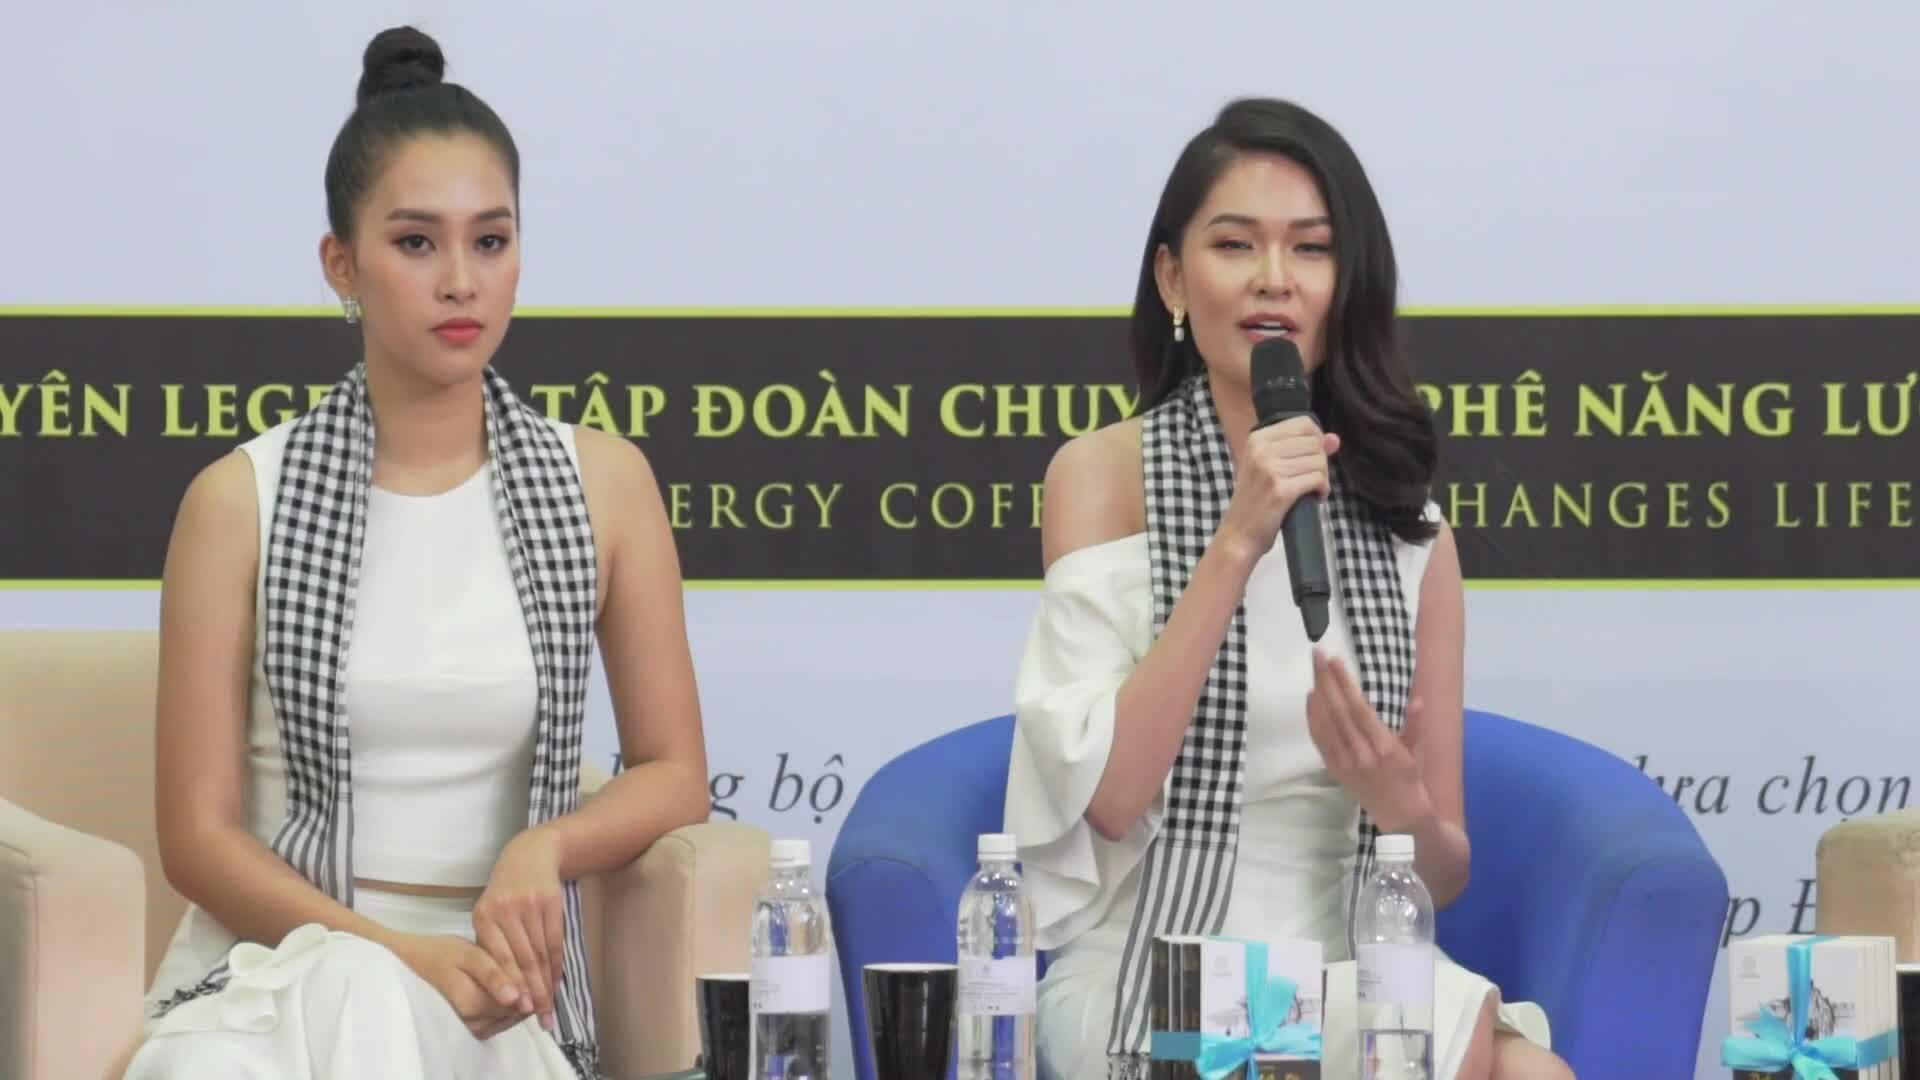 Á hậu Thùy Dung: 'Tôi từng rất tự ti khi đứng trước đám đông'